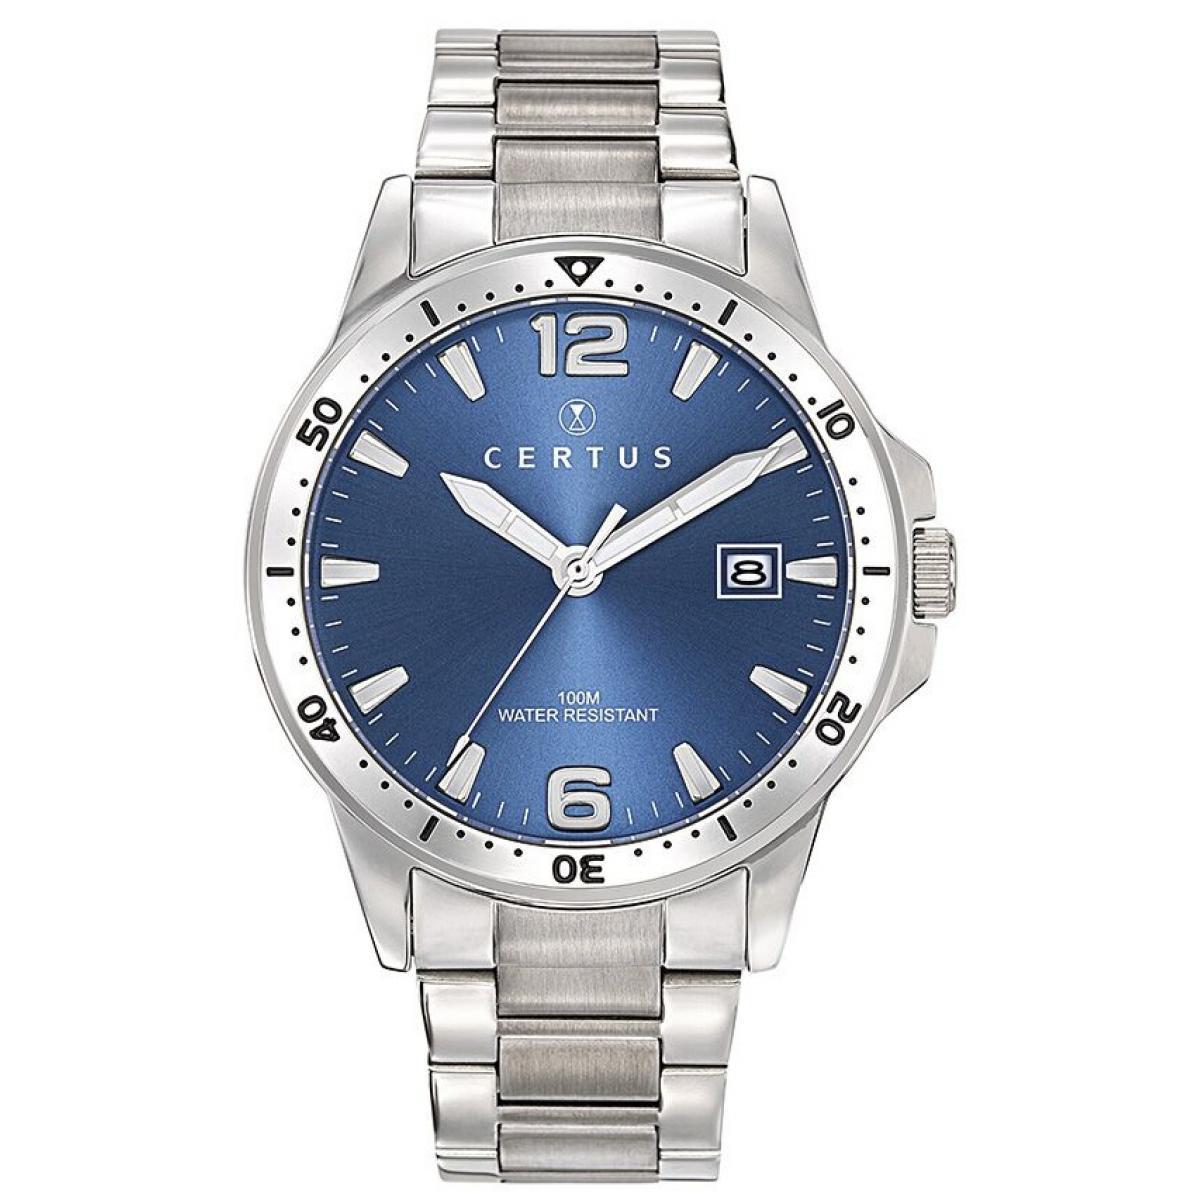 Montre Certus 616457 Dateur Acier Argenté Cadran Bleu Homme Plus d'infos